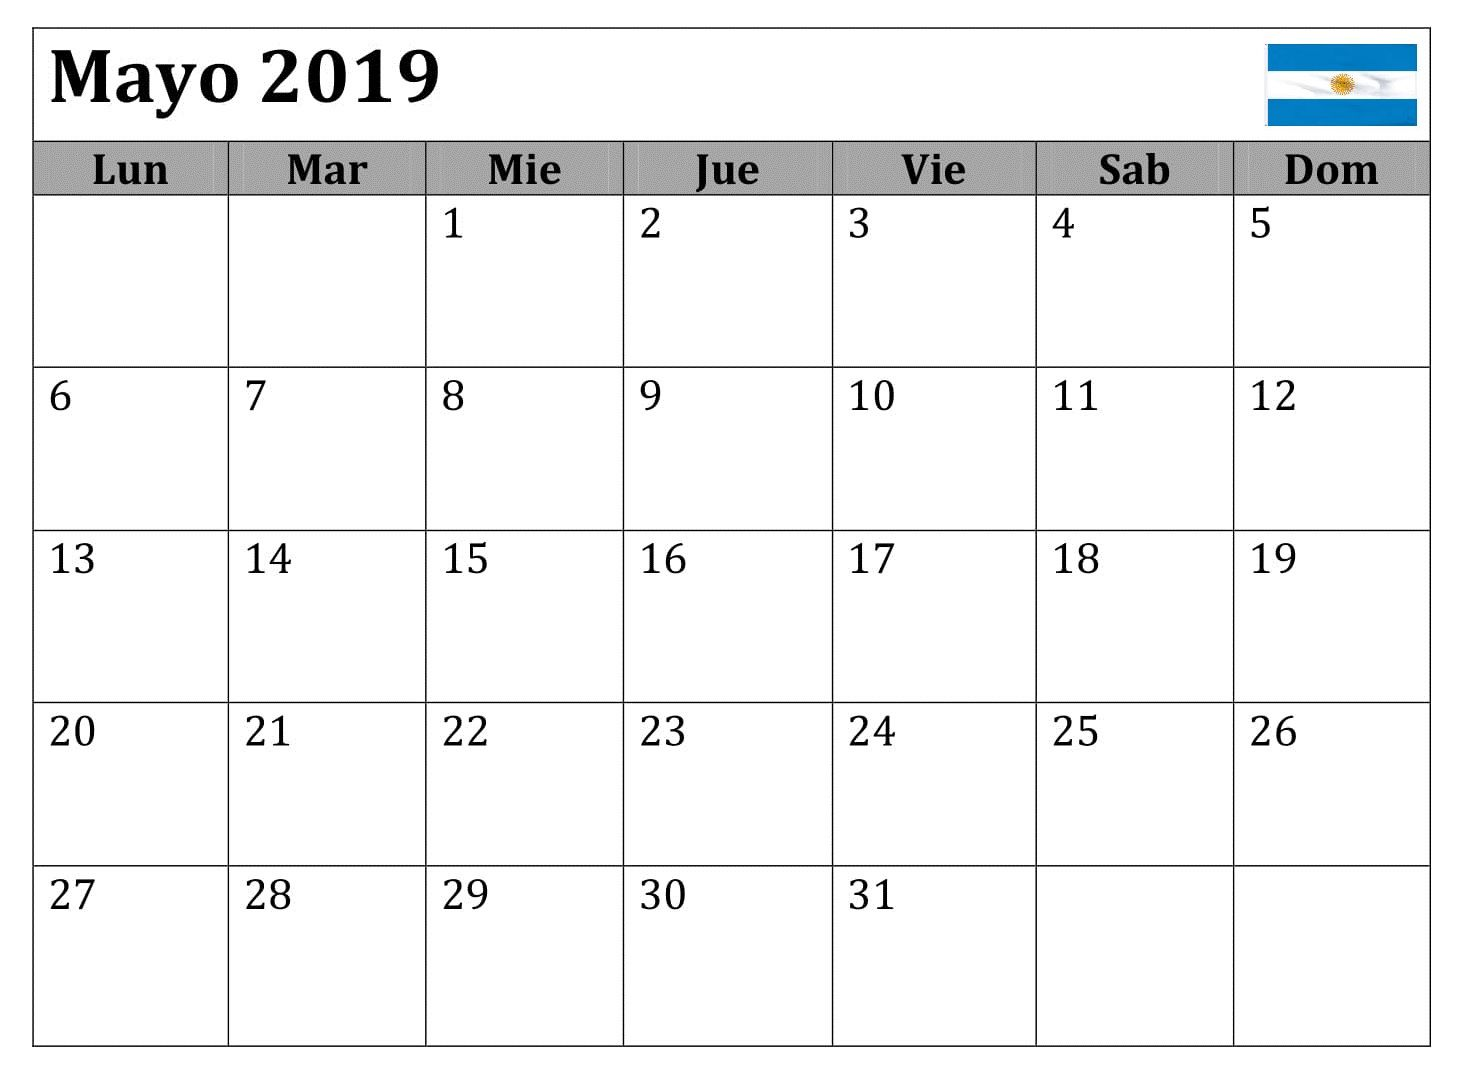 Calendario Grande.Mayo Calendario Grande 2019 Argentina Calendario Mayo 2019